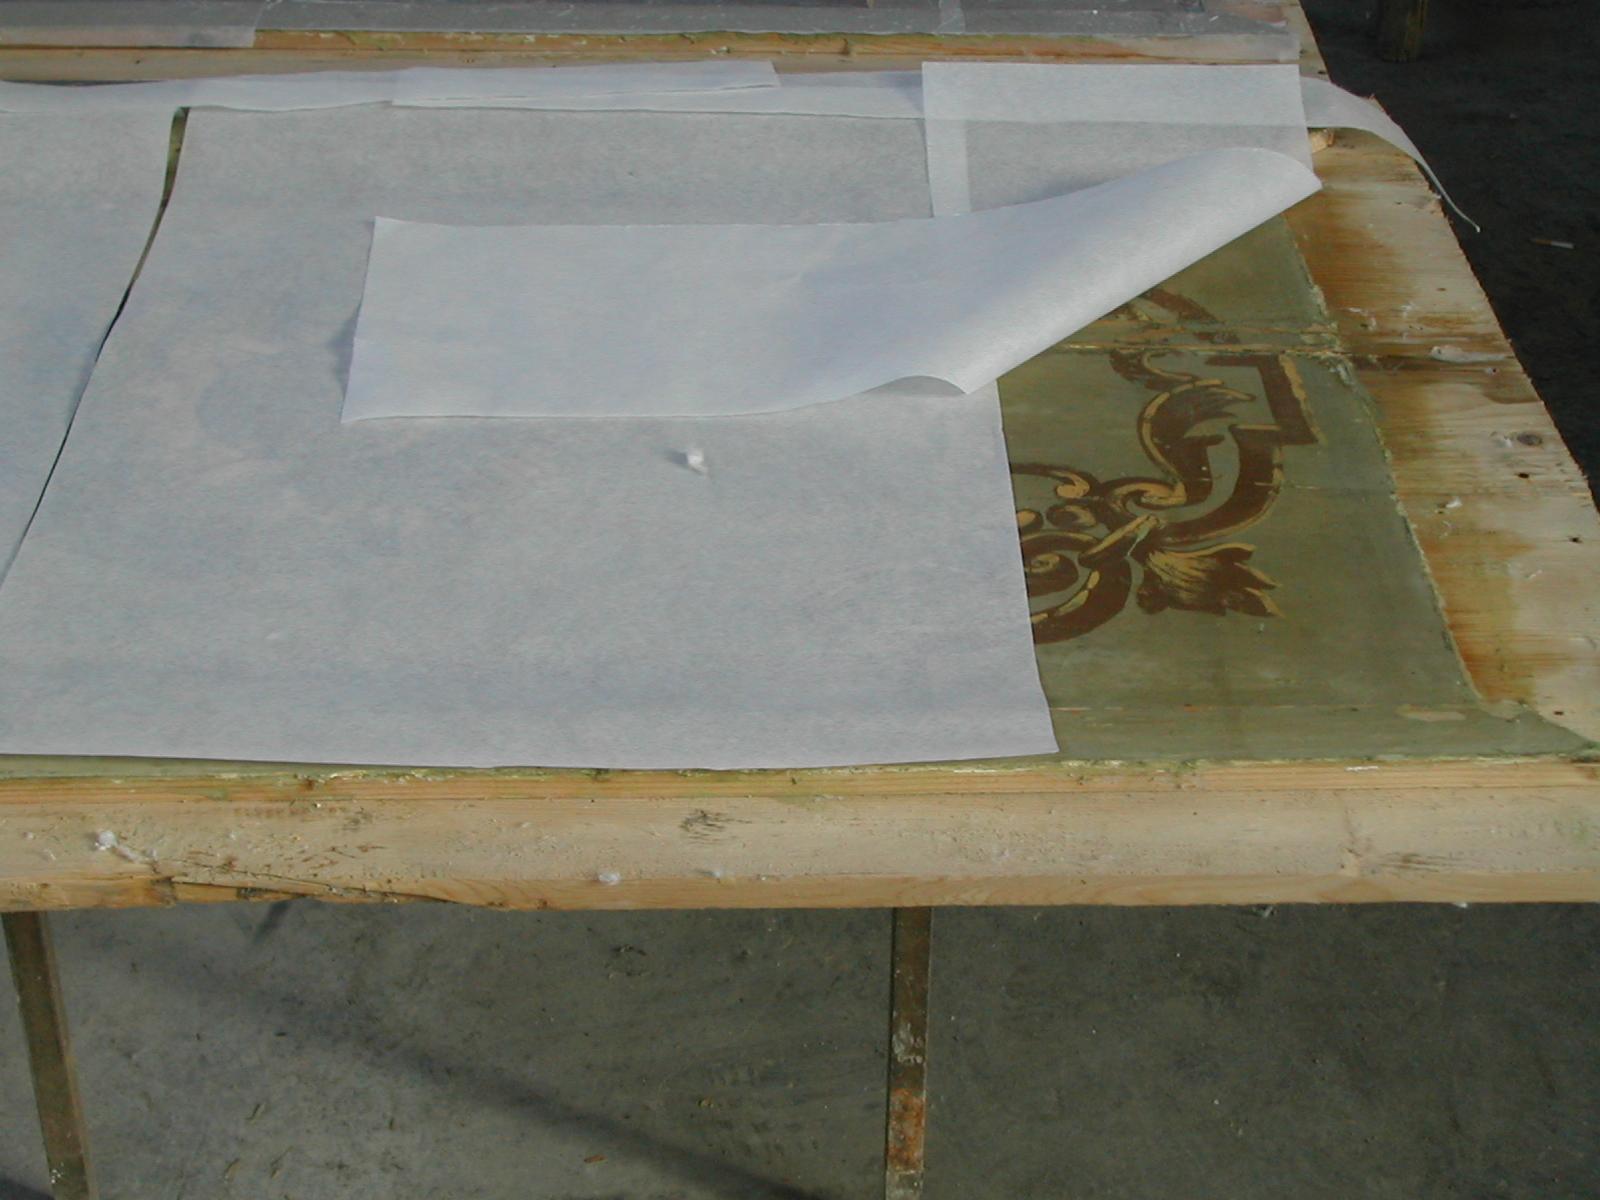 Preparazione alla stesura di carta giapponese per il fissaggio della pellicola pittorica